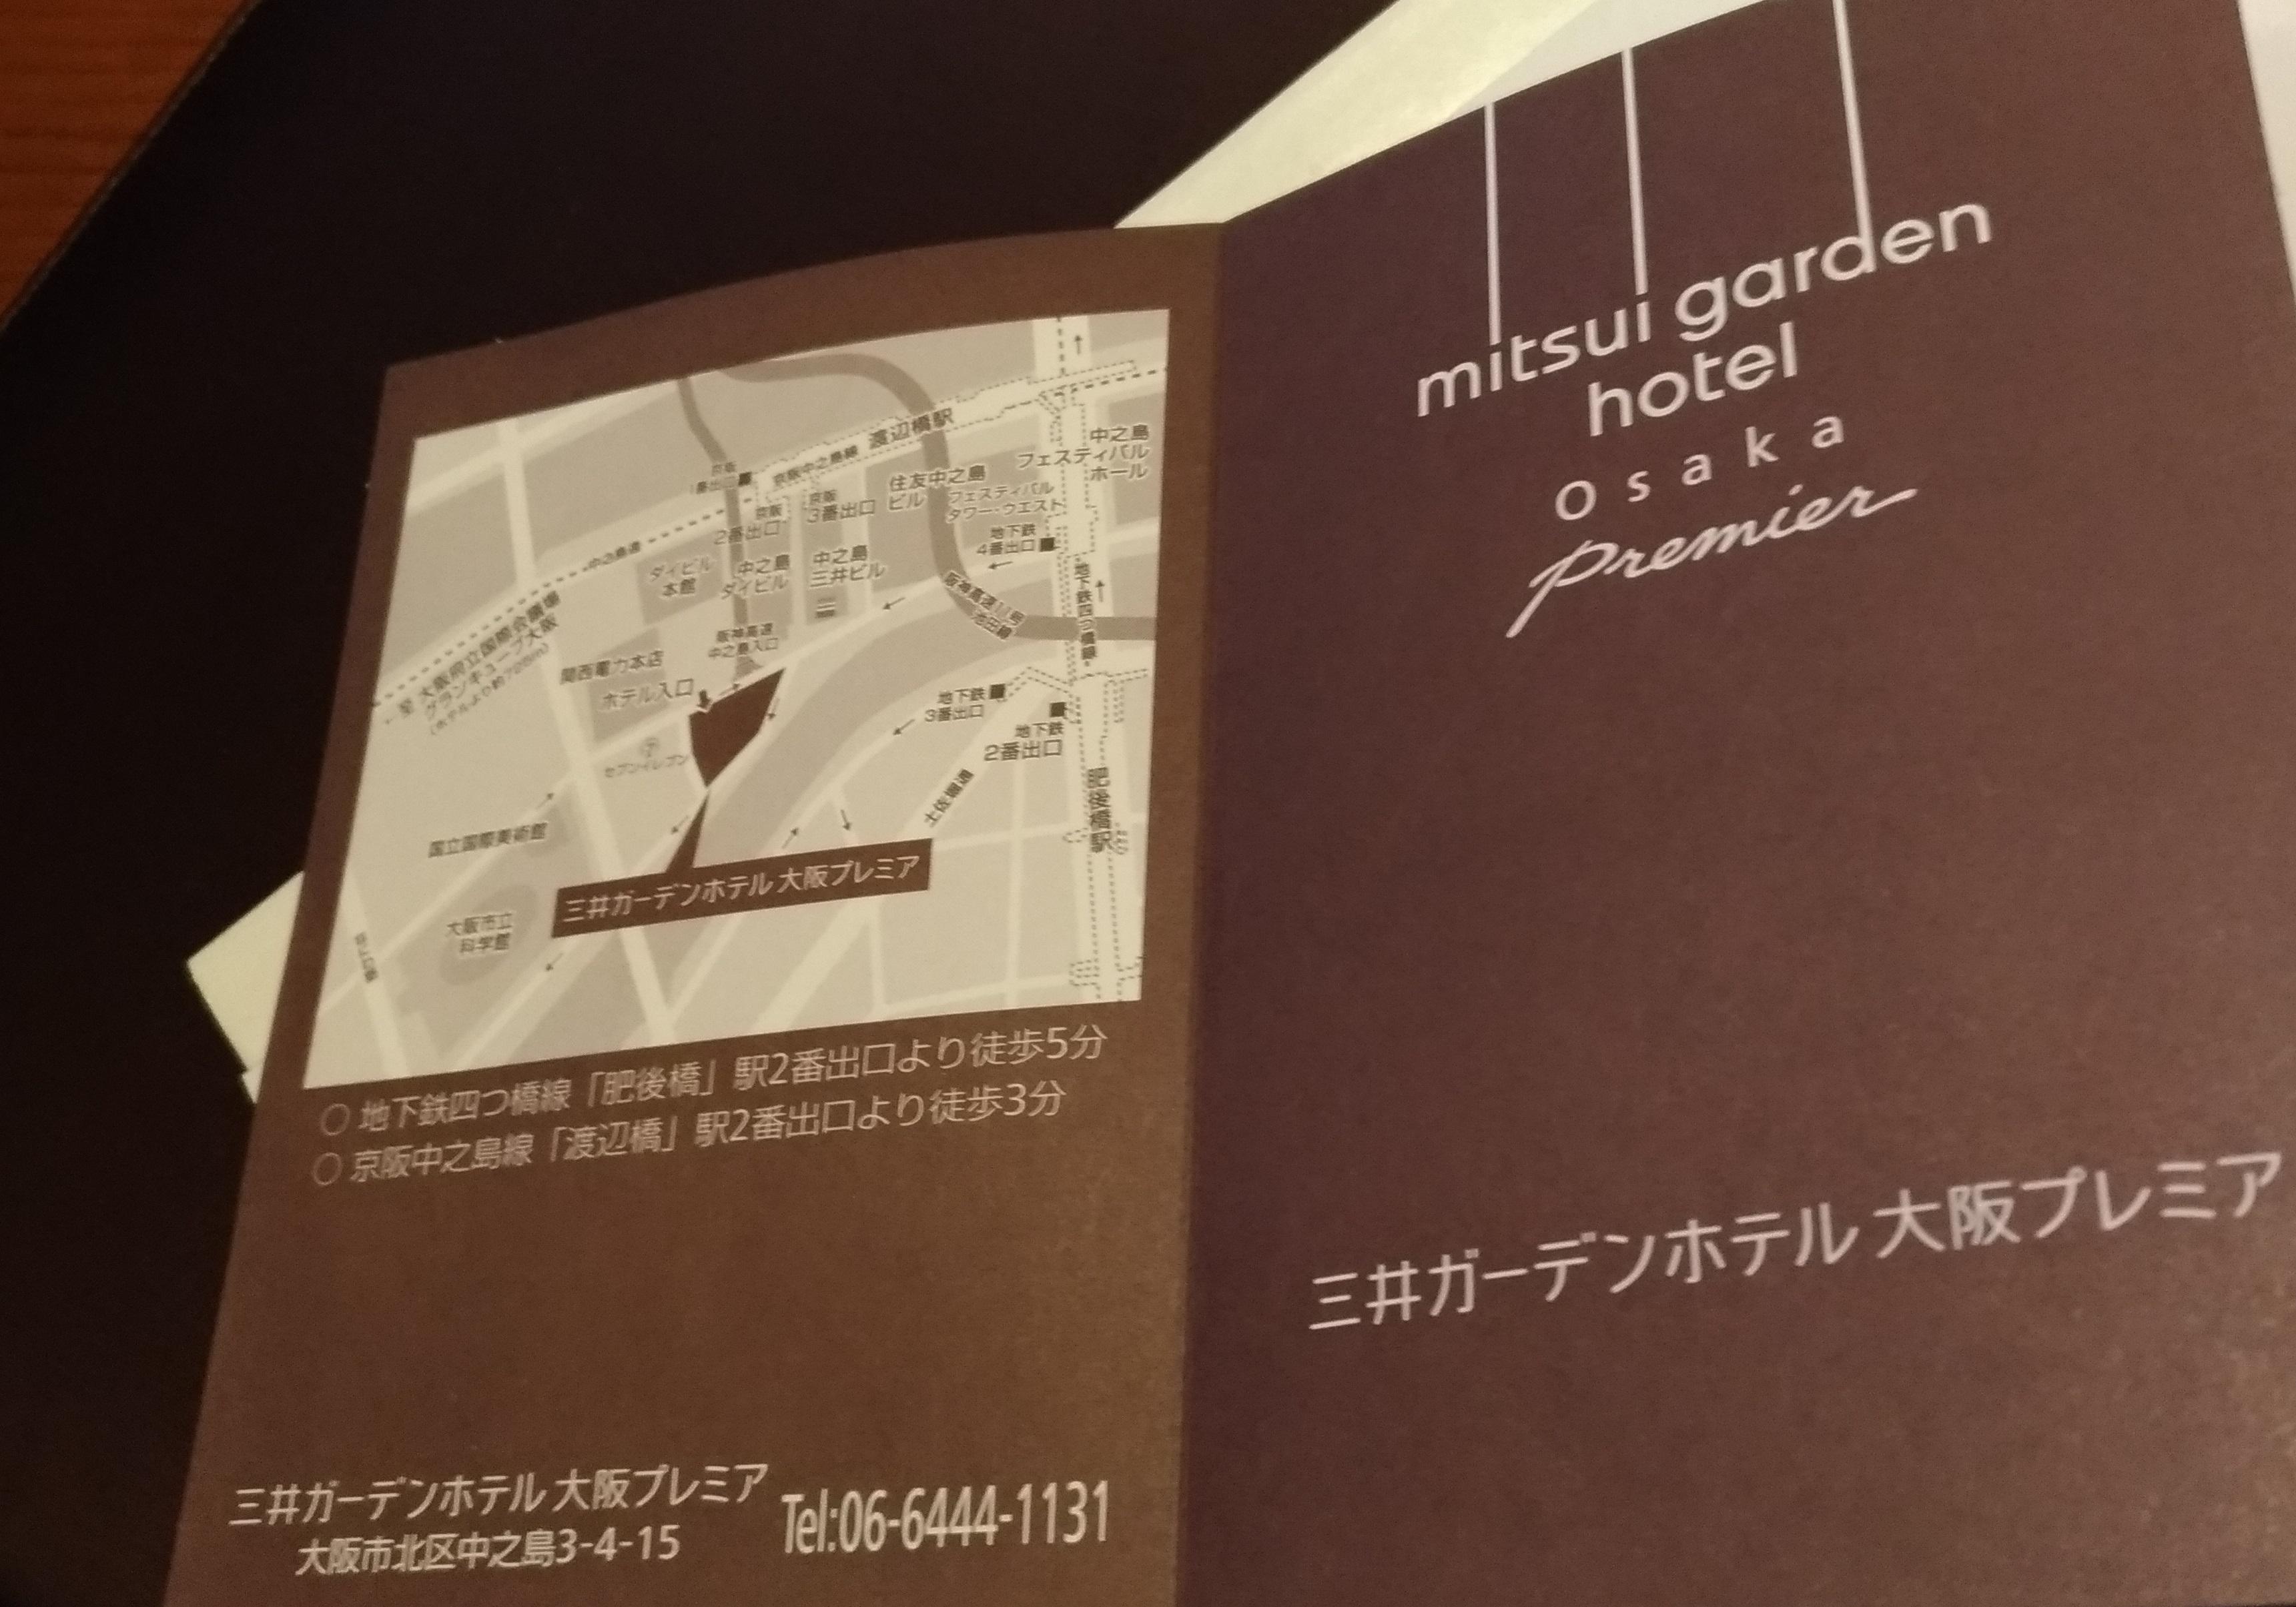 osaka_hotel_mitsui_garden_puremium_kanko.jpg